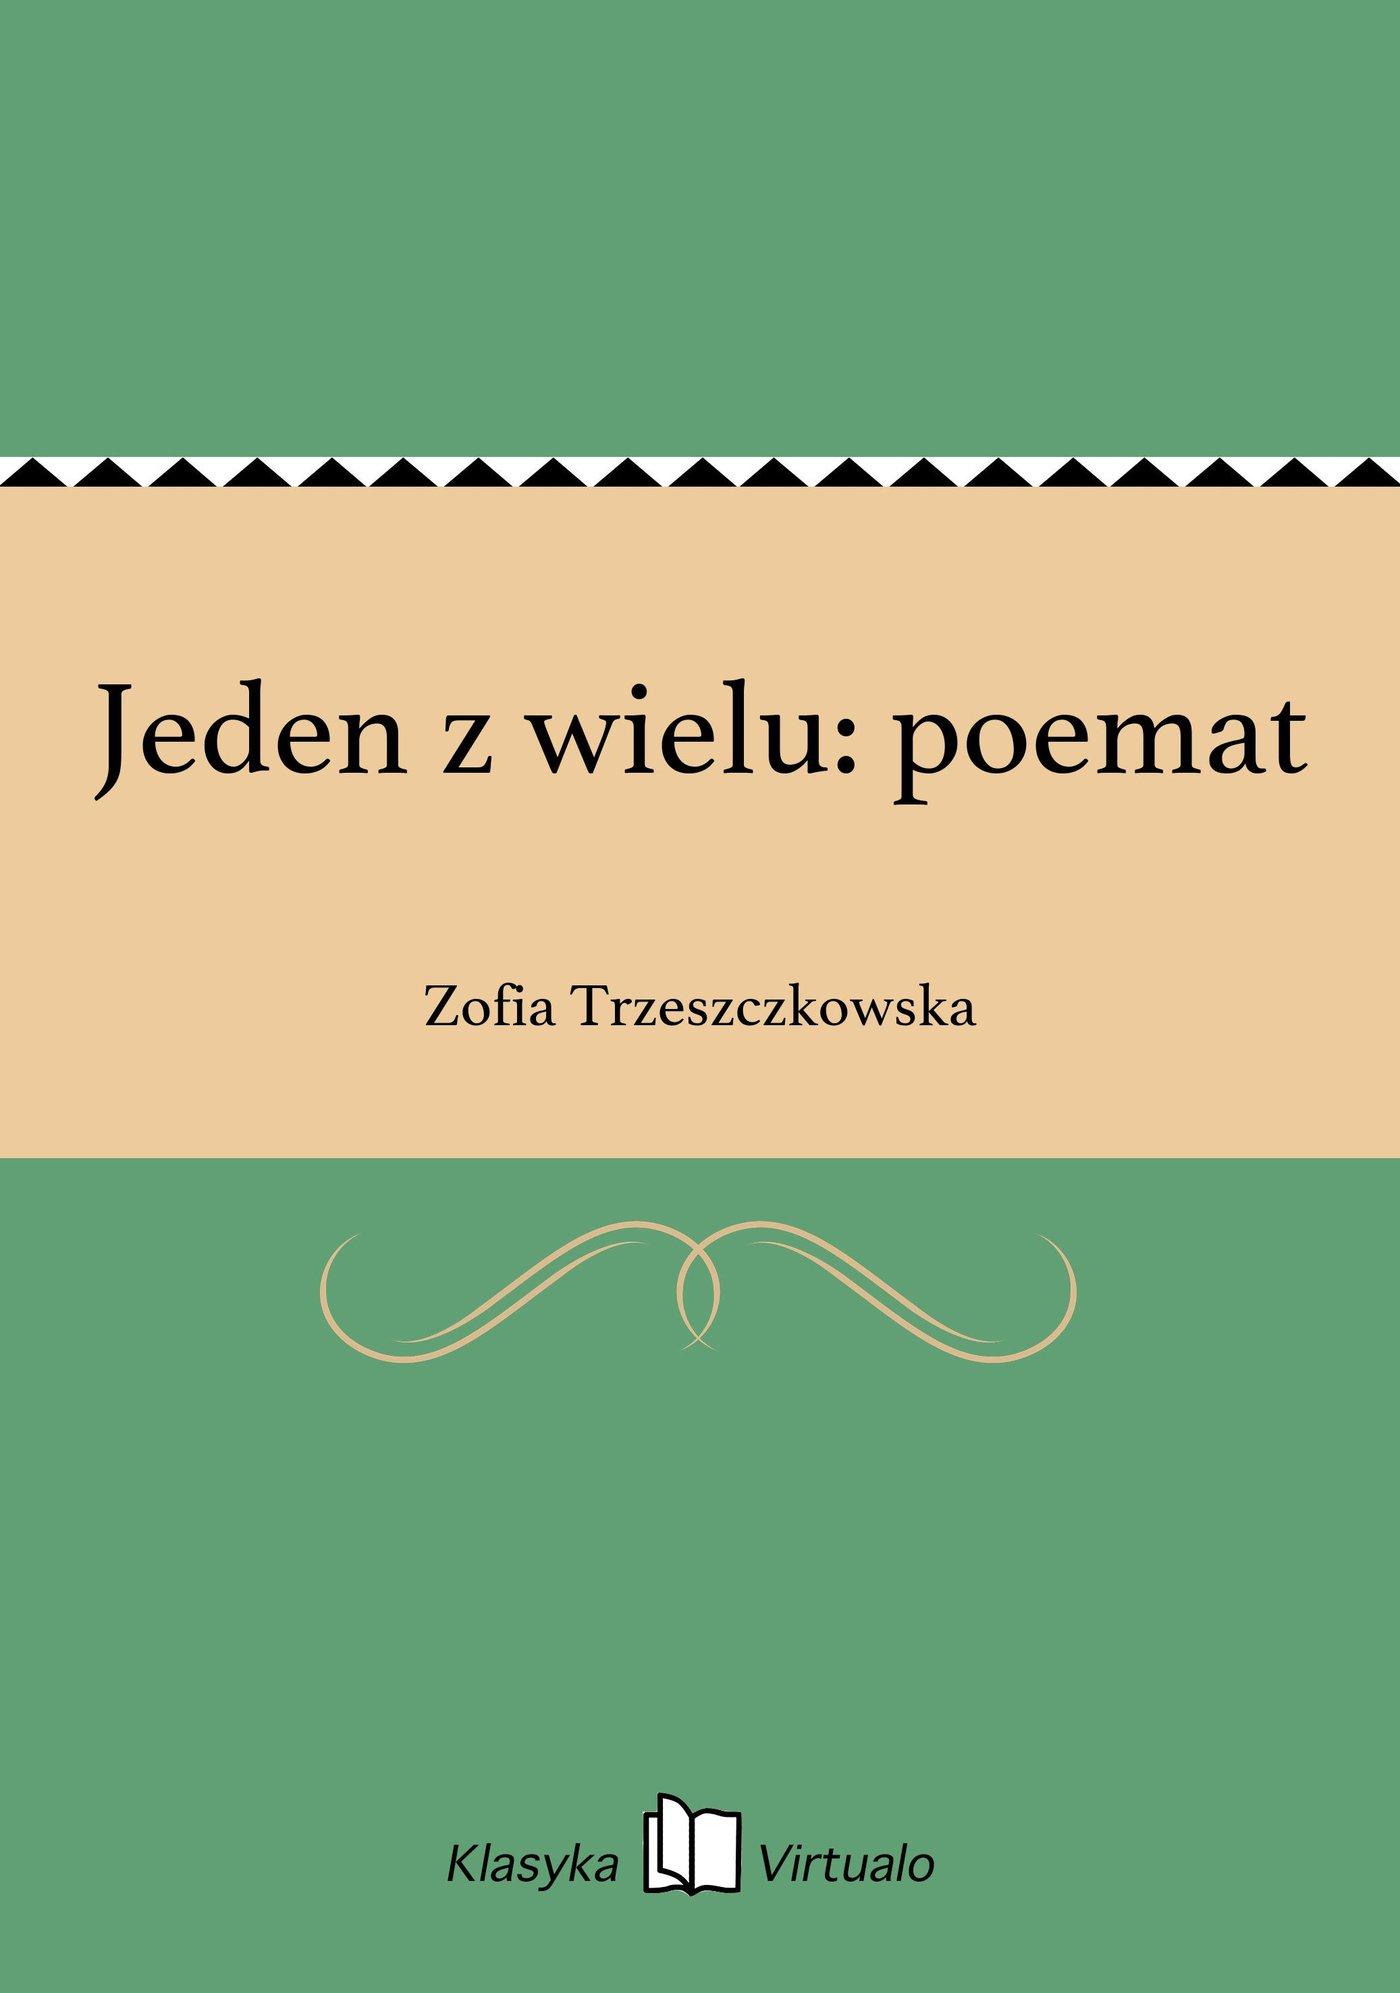 Jeden z wielu: poemat - Ebook (Książka EPUB) do pobrania w formacie EPUB